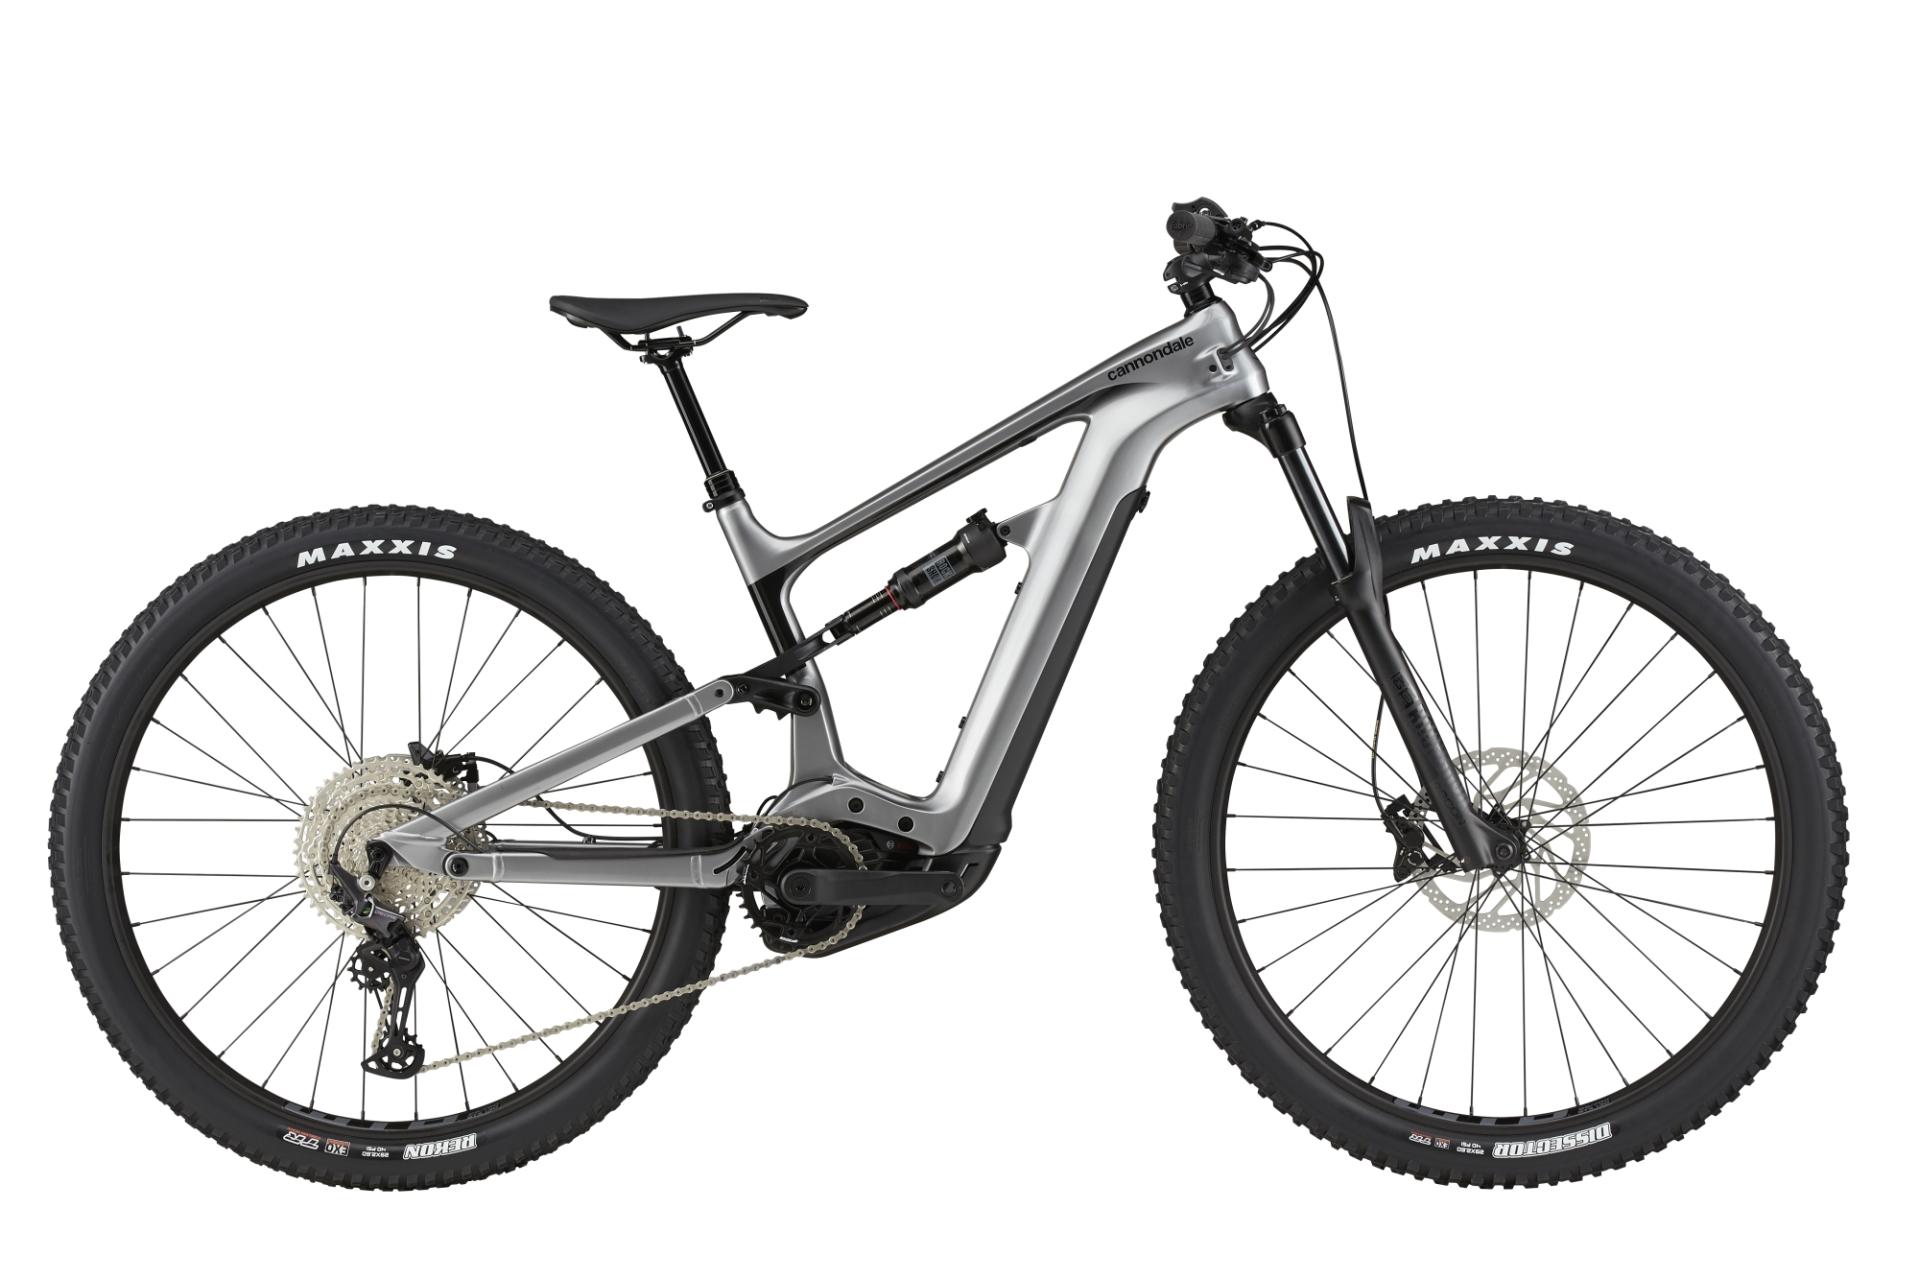 """Cannondale Habit Neo 4 férfi 29"""" Trail pedelec kerékpár - szürke - XL (2021)"""